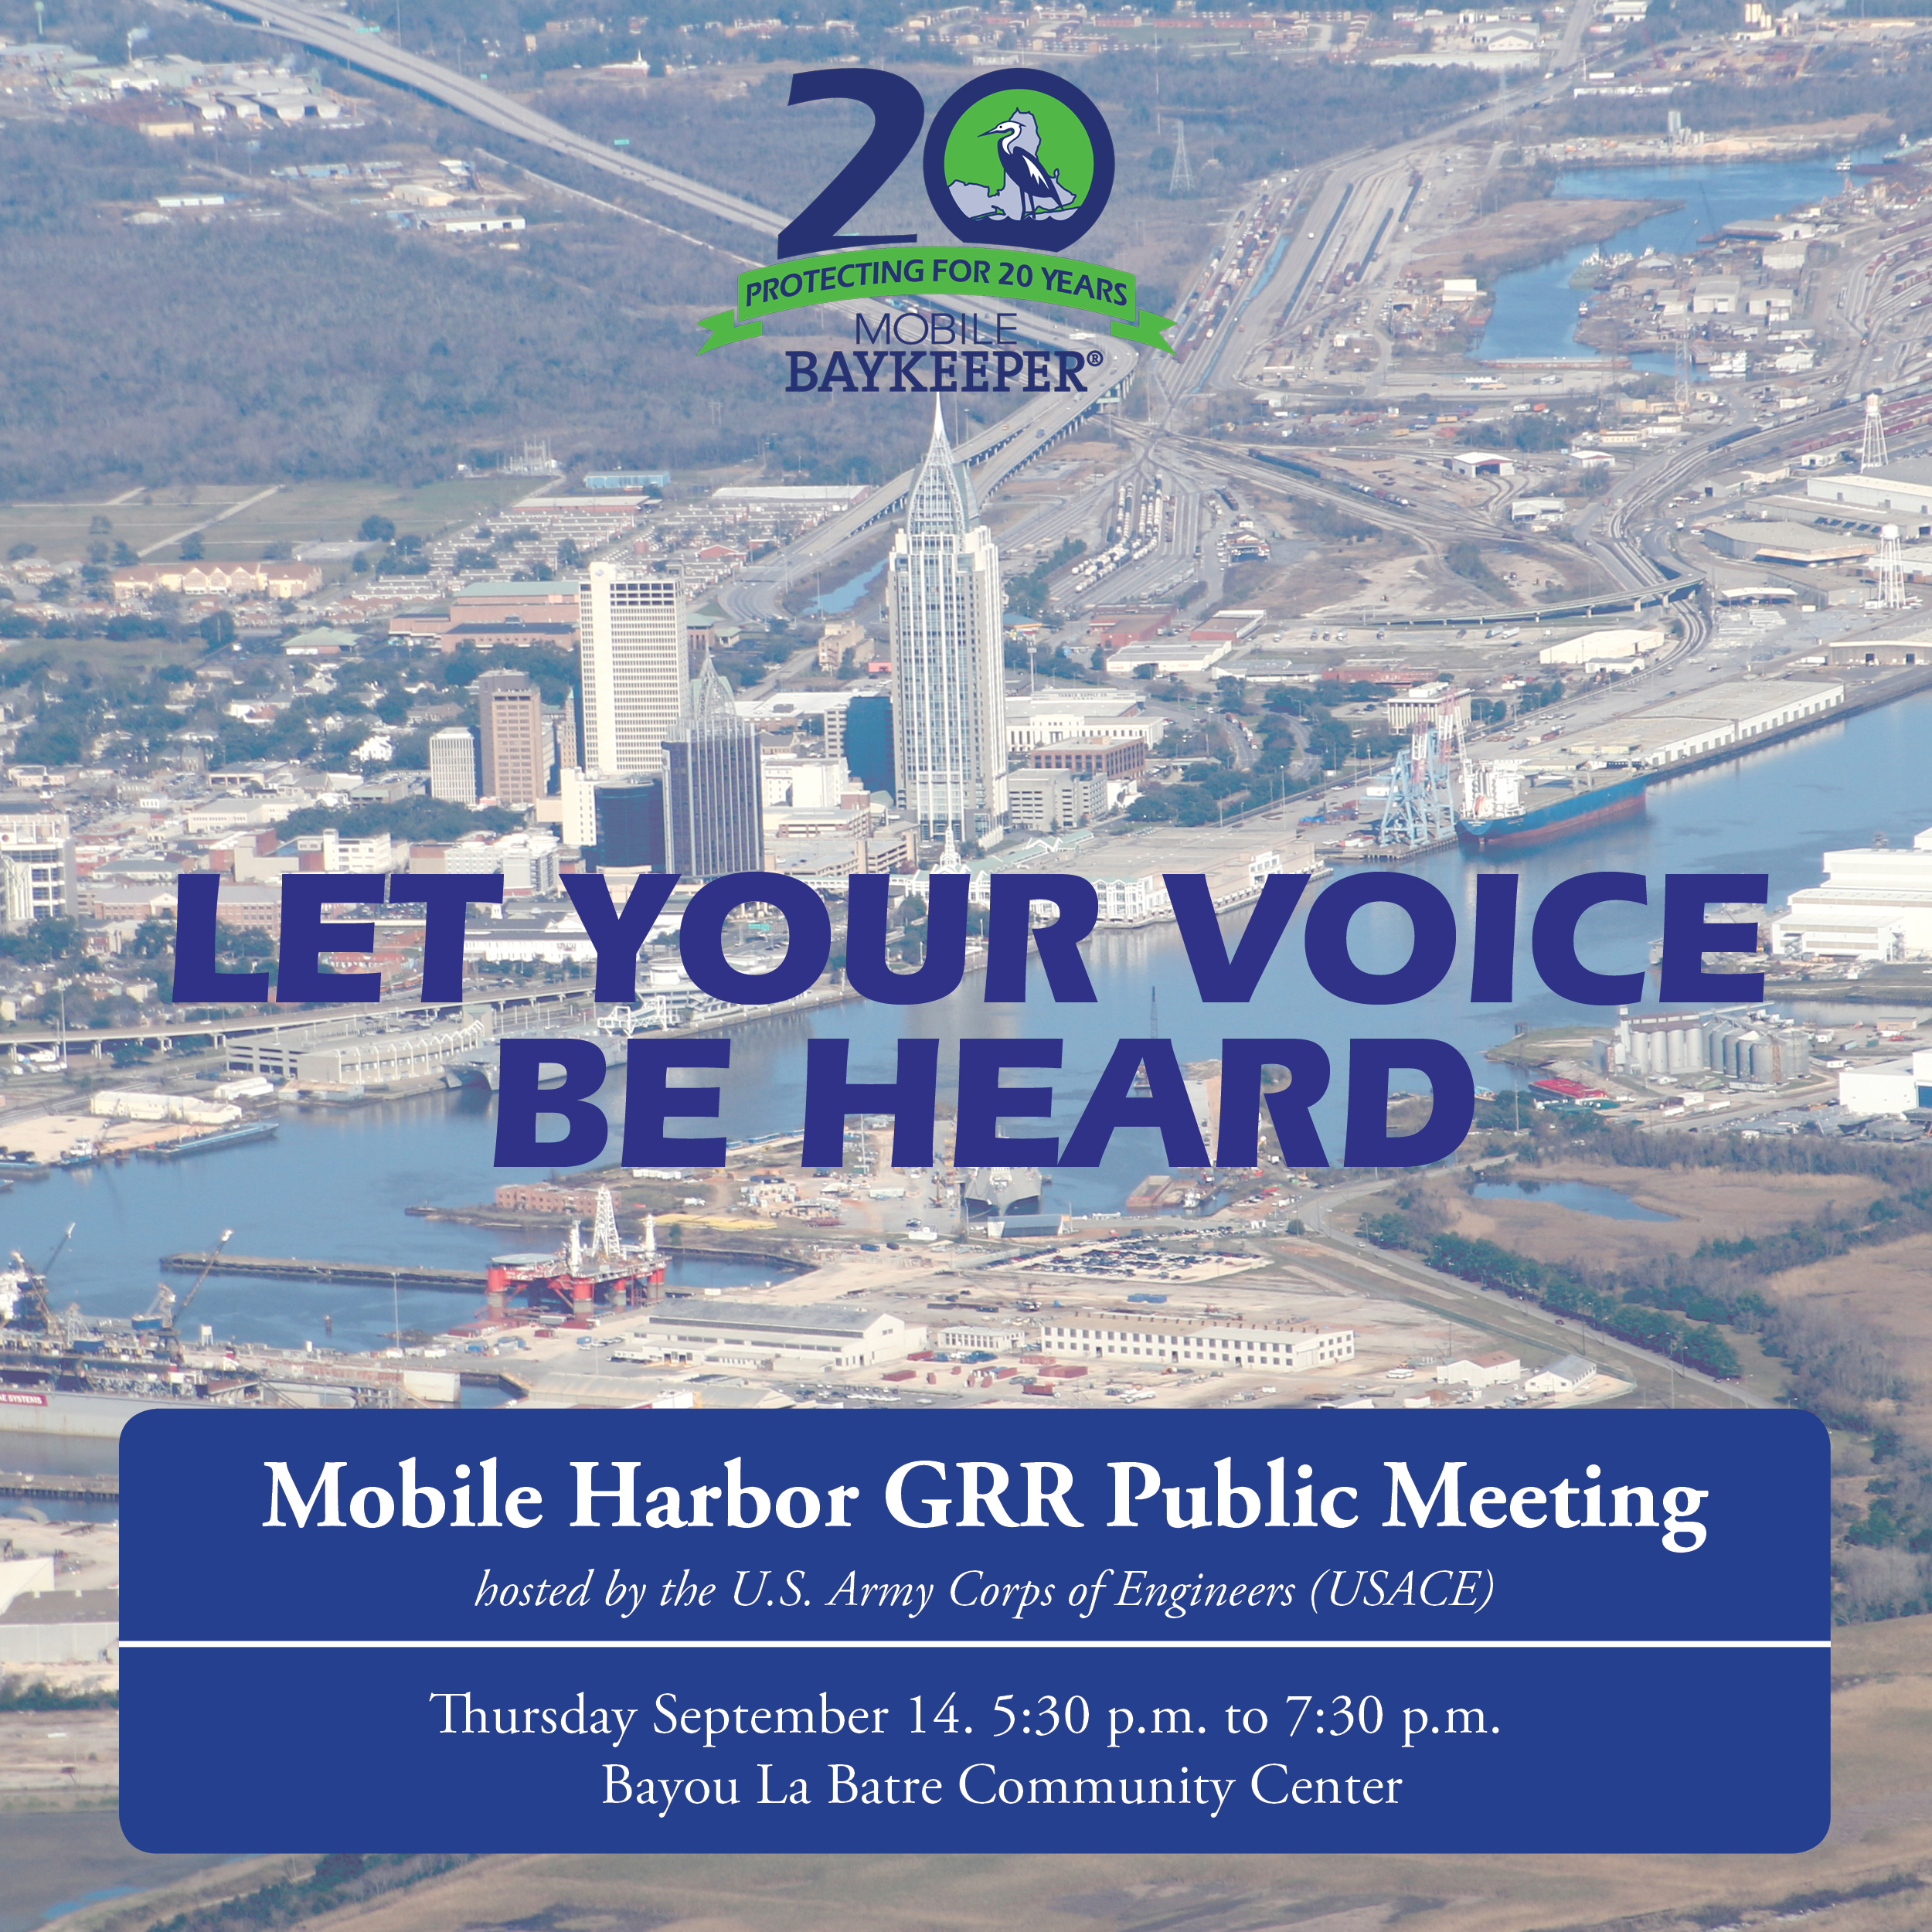 Mobile Harbor GRR Image.jpg